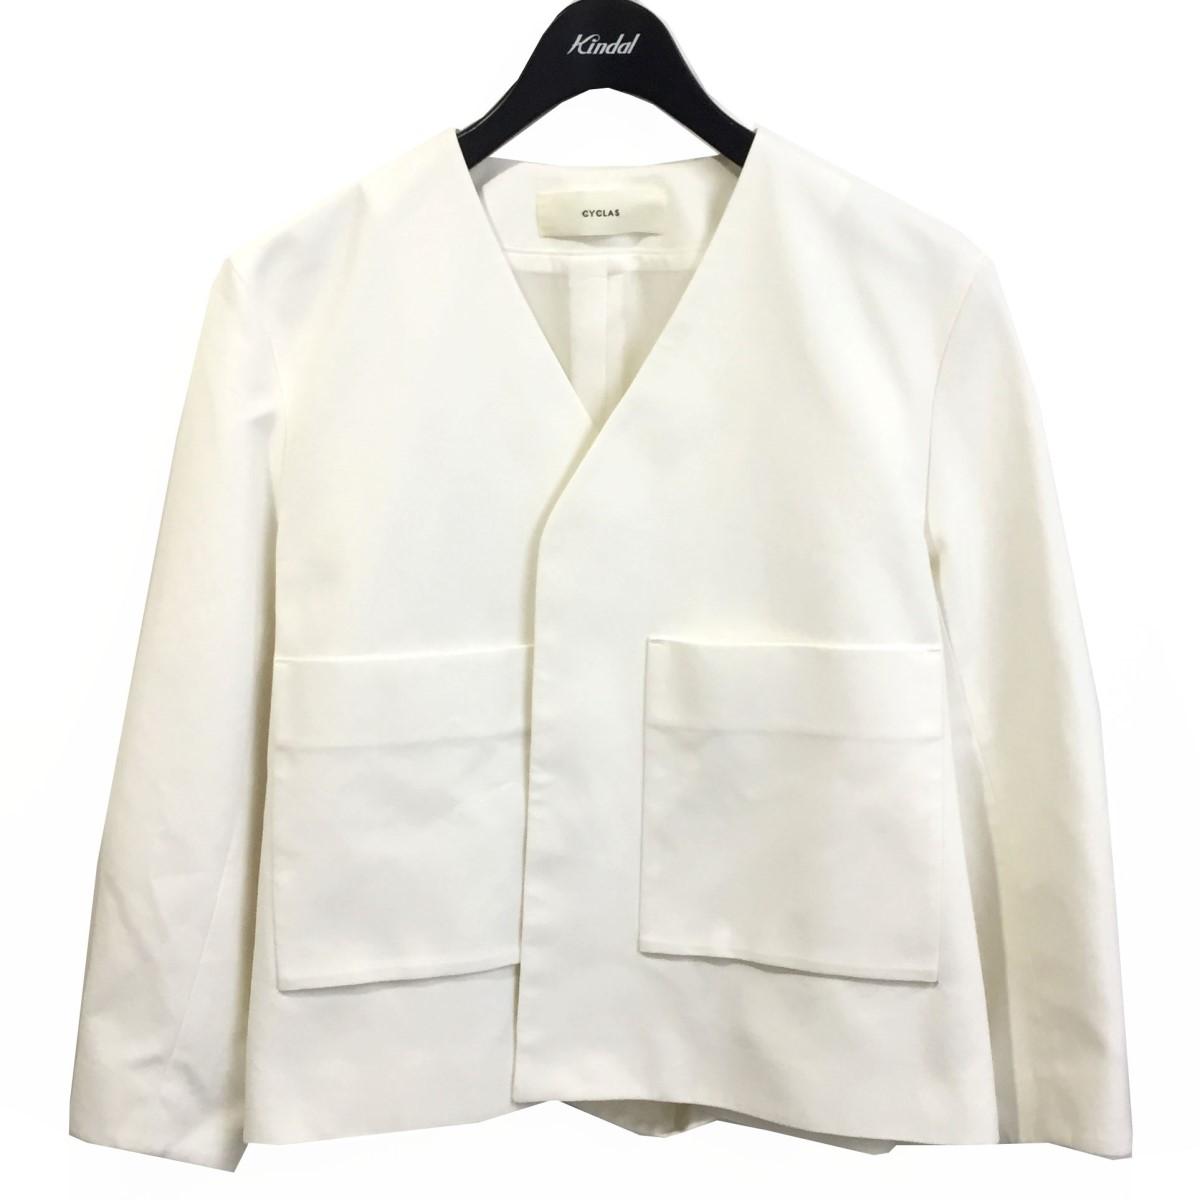 価格 交渉 送料無料 贈物 シクラス 中古 CYCLAS 20SS ノーカラージャケット サイズ:36 300721 ホワイト